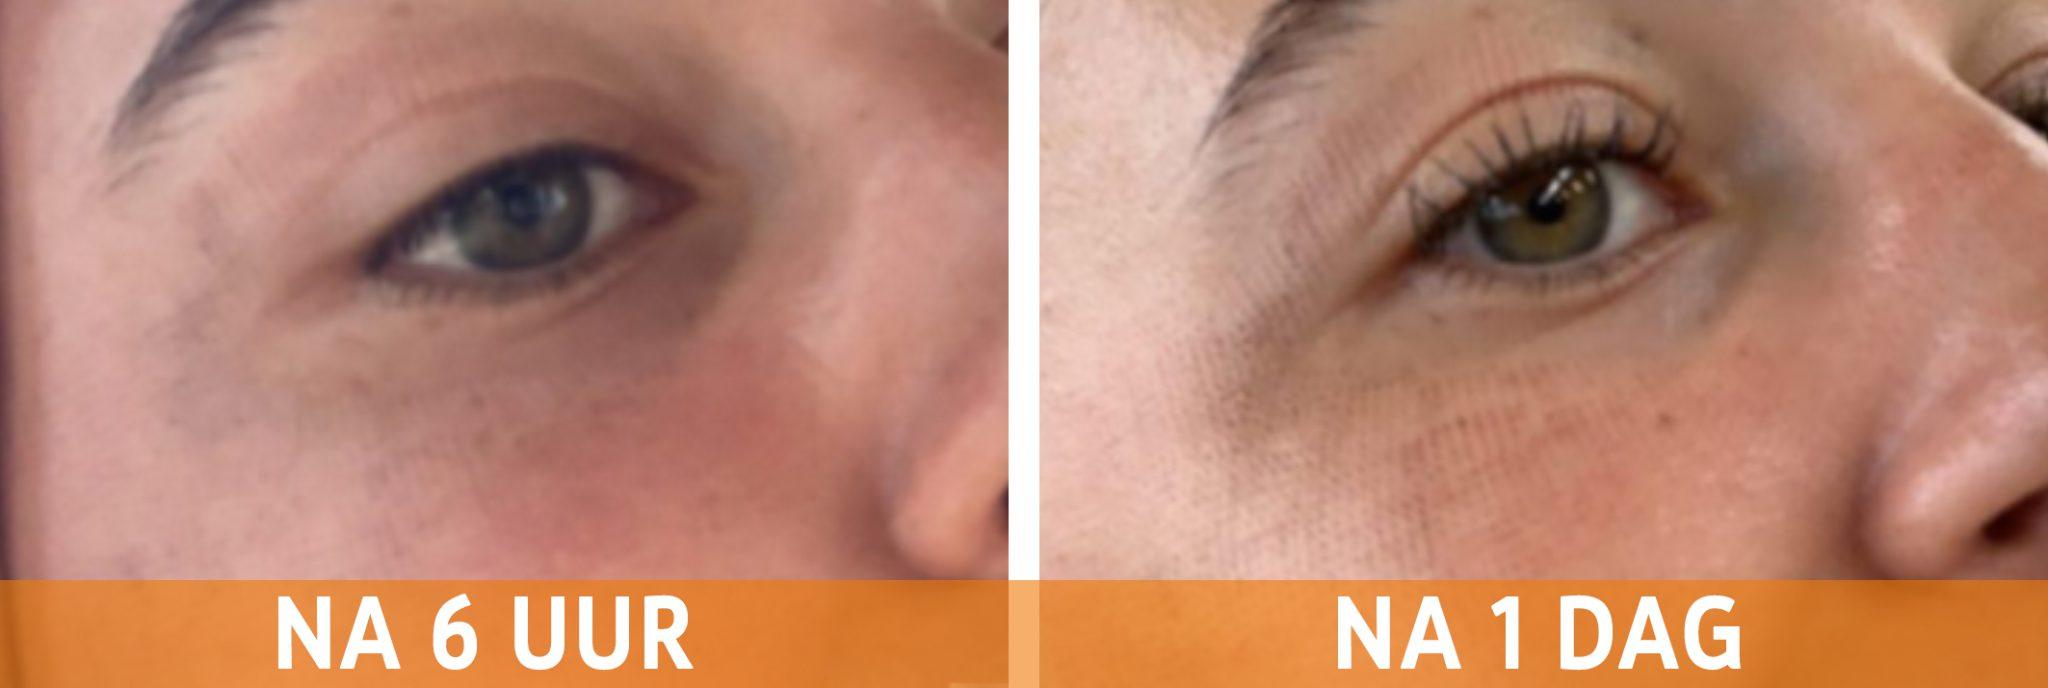 Wat is het verschil tussen een ooglift en een ooglidcorrectie?